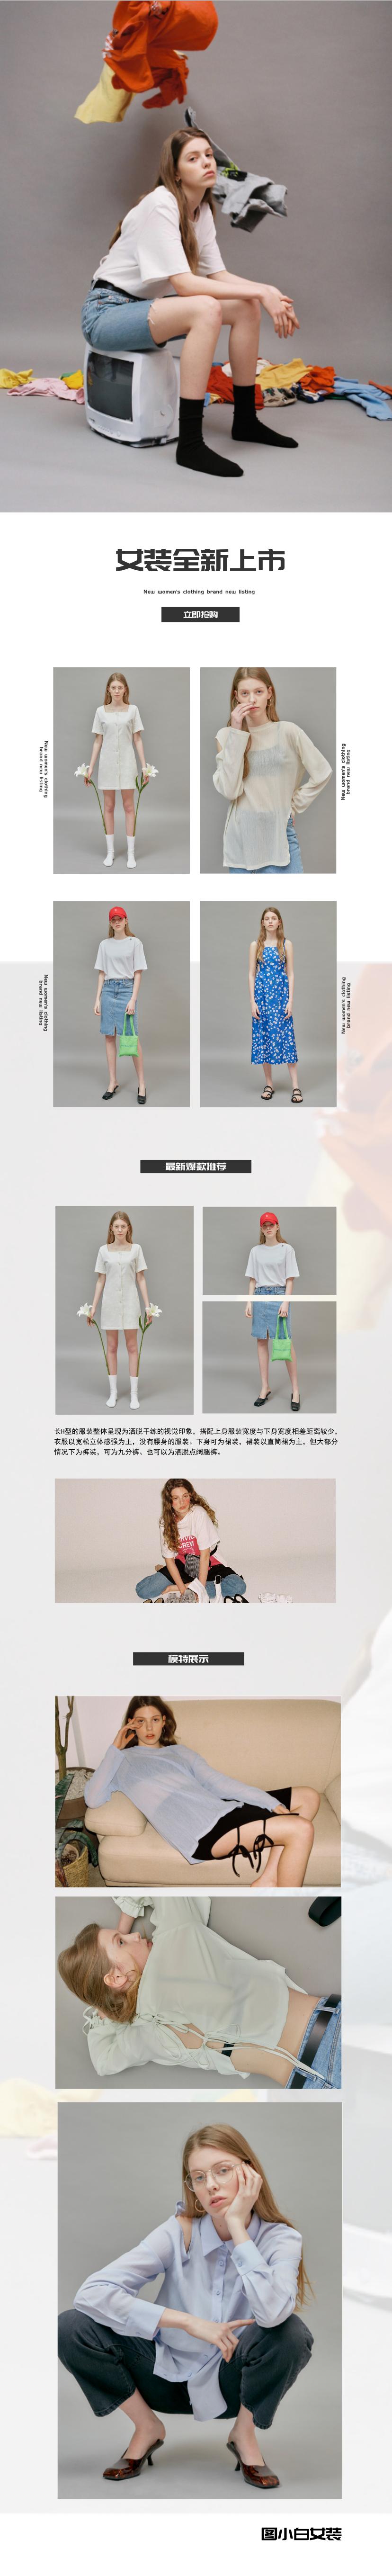 簡介時尚女裝推薦淘寶詳情頁